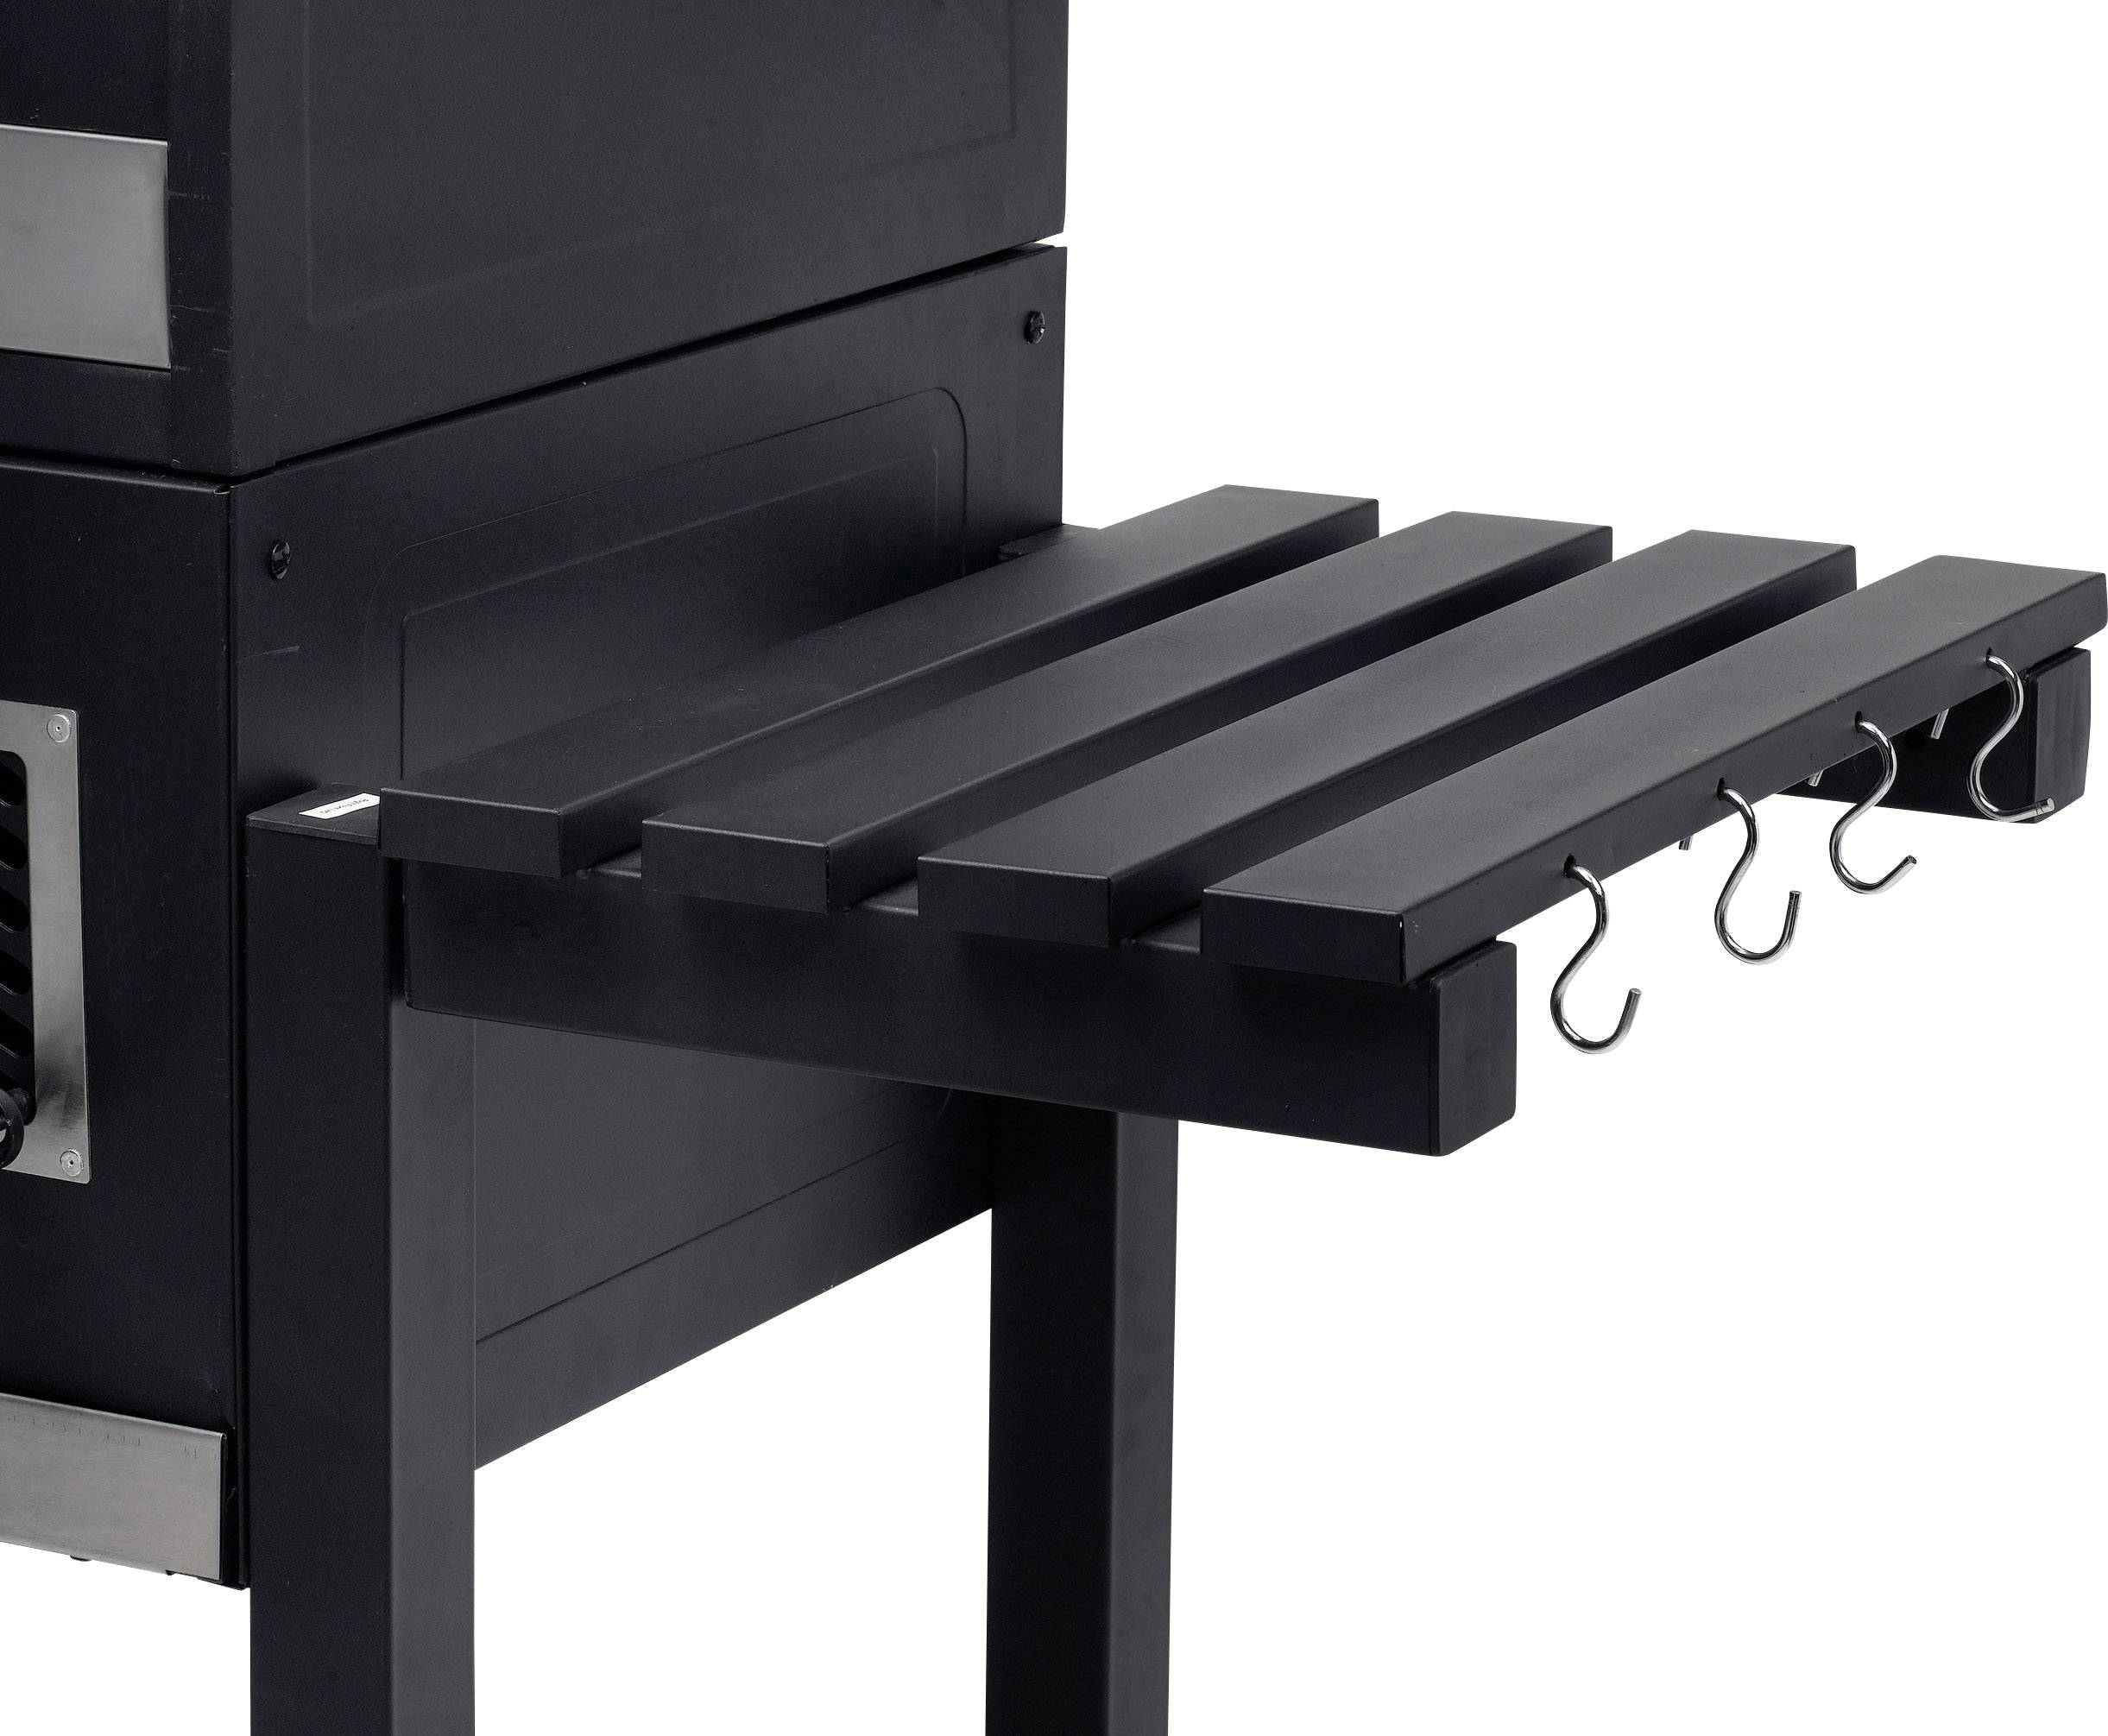 Tepro Holzkohlegrill Toronto Xxl Zubehör : Tepro garten toronto xxl grillwagen holzkohle grill thermometer im